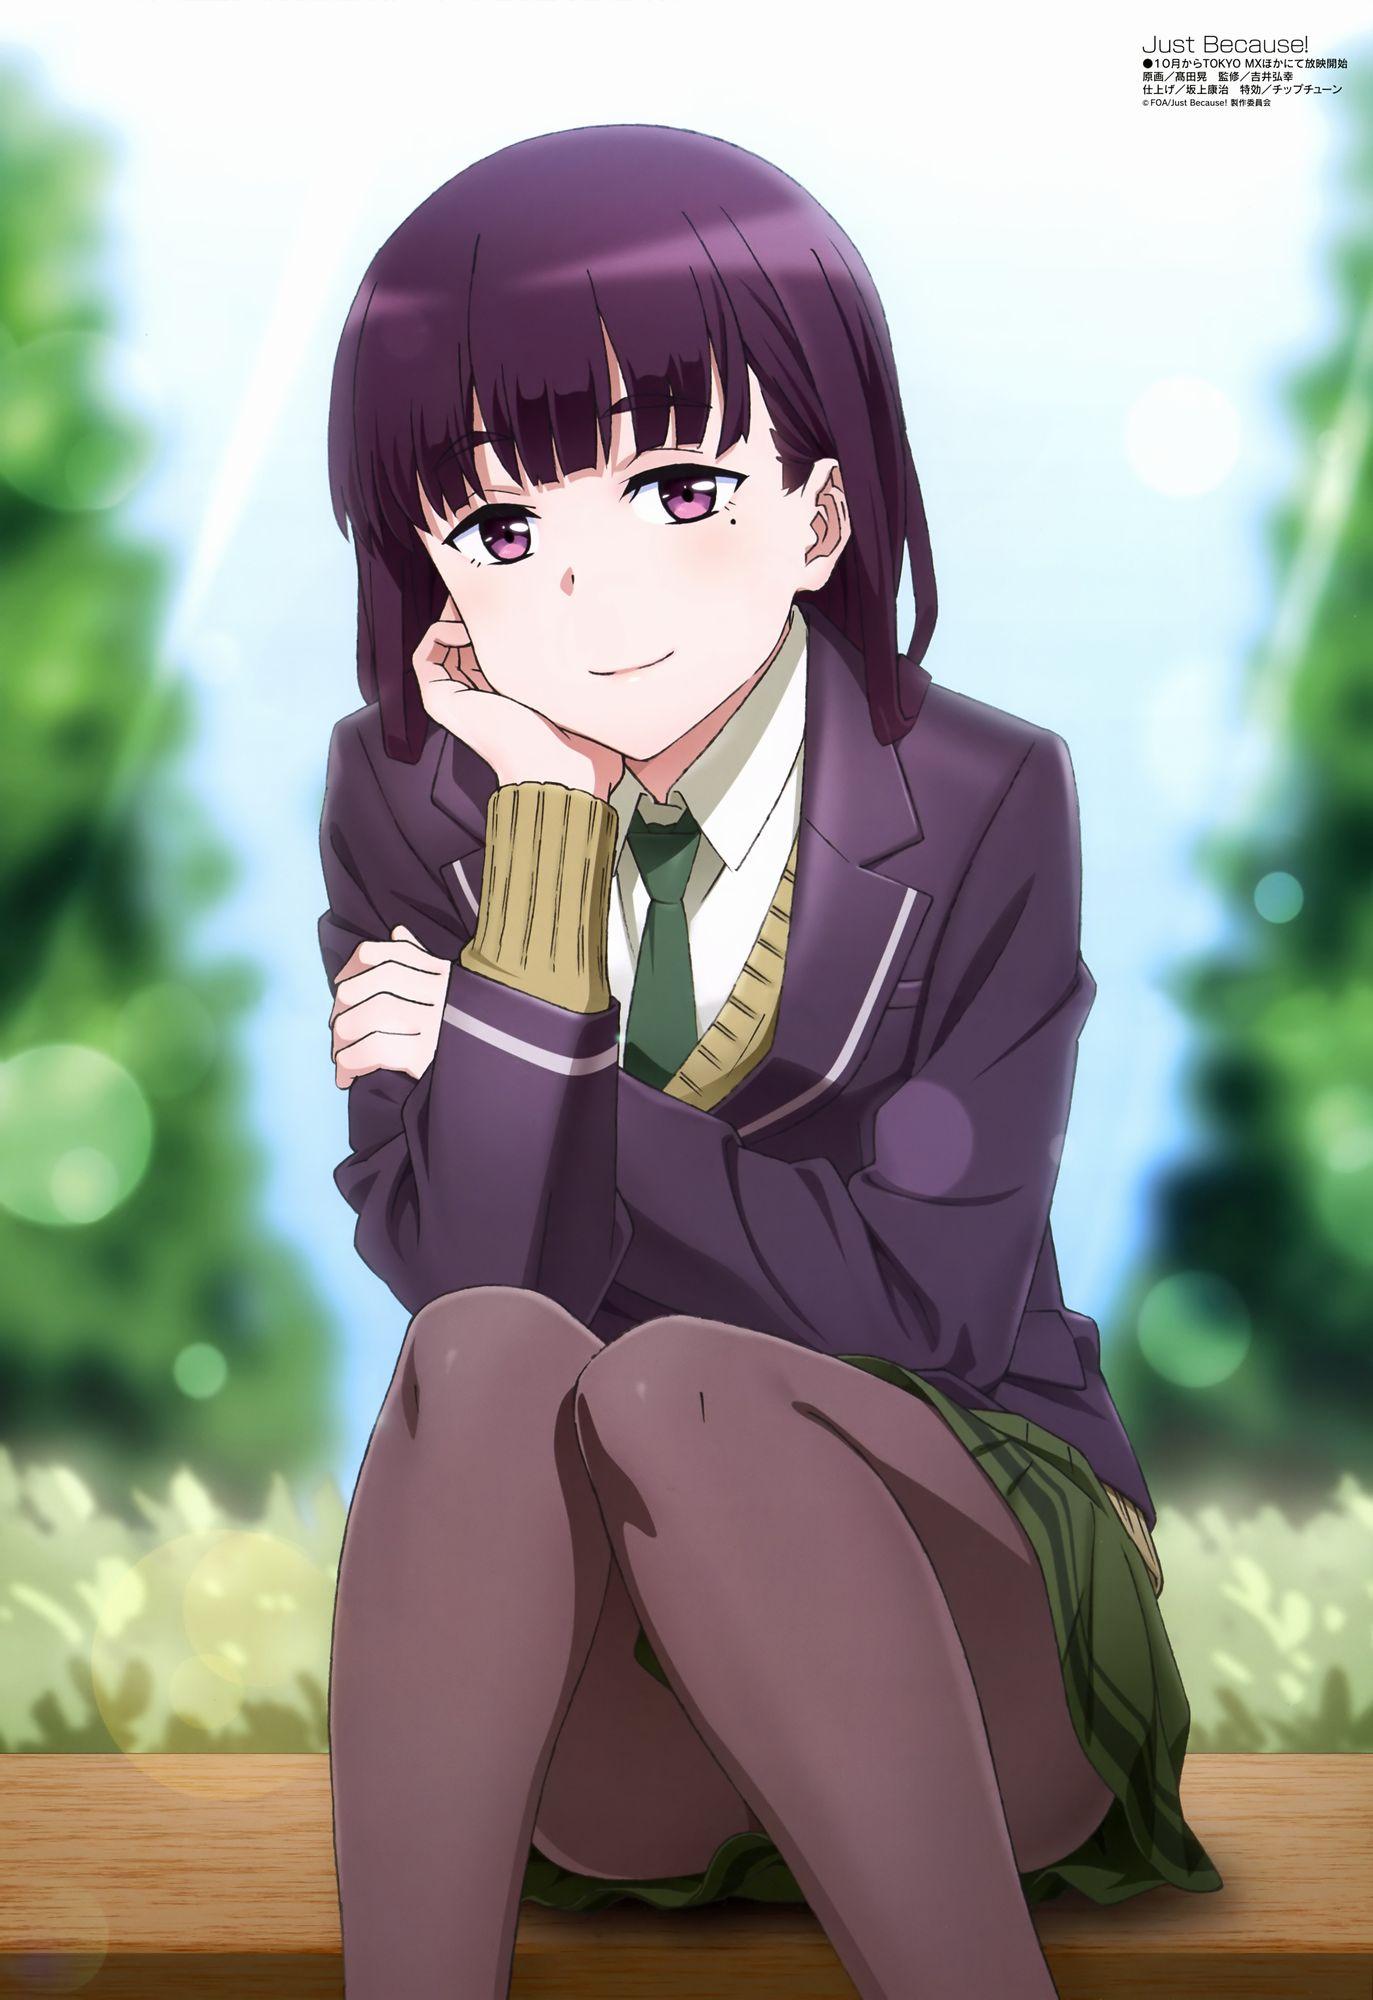 【2次】学校の 制服 を着た可愛い女の子の 二次画像  その28【制服・非エロ】